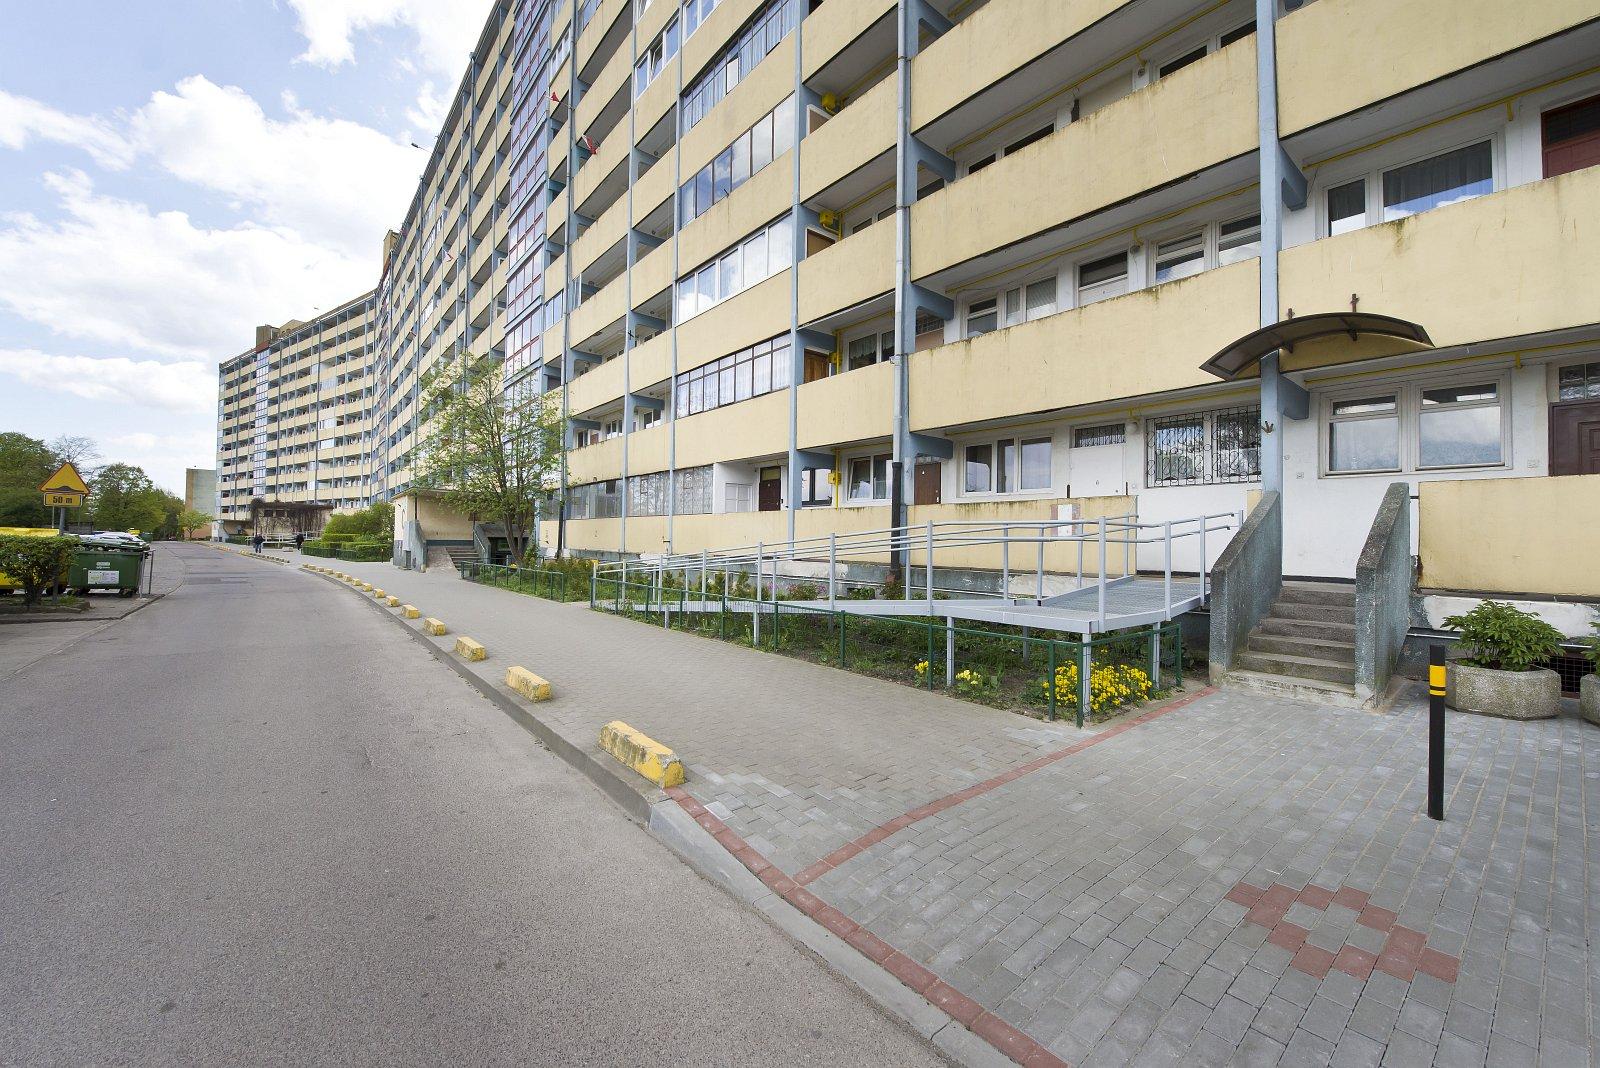 mieszkanie-wynajem-gdansk-k-04-01web